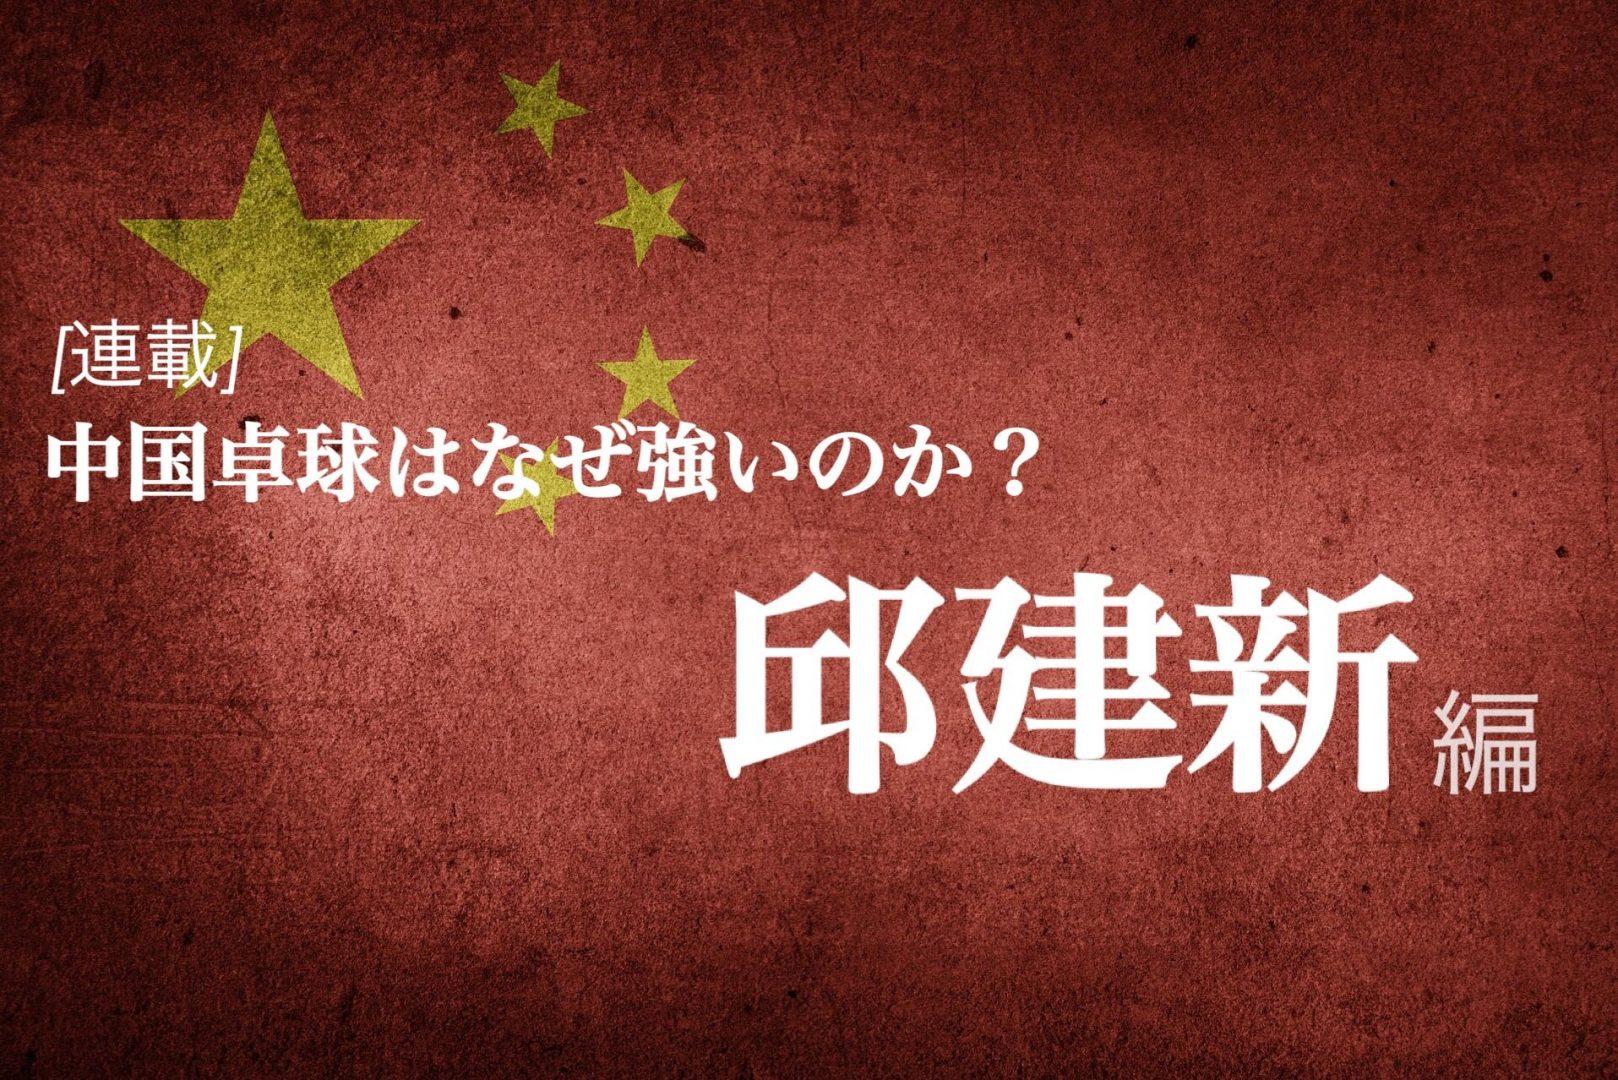 なぜ中国は卓球が強いのか?<Vol2.邱建新>